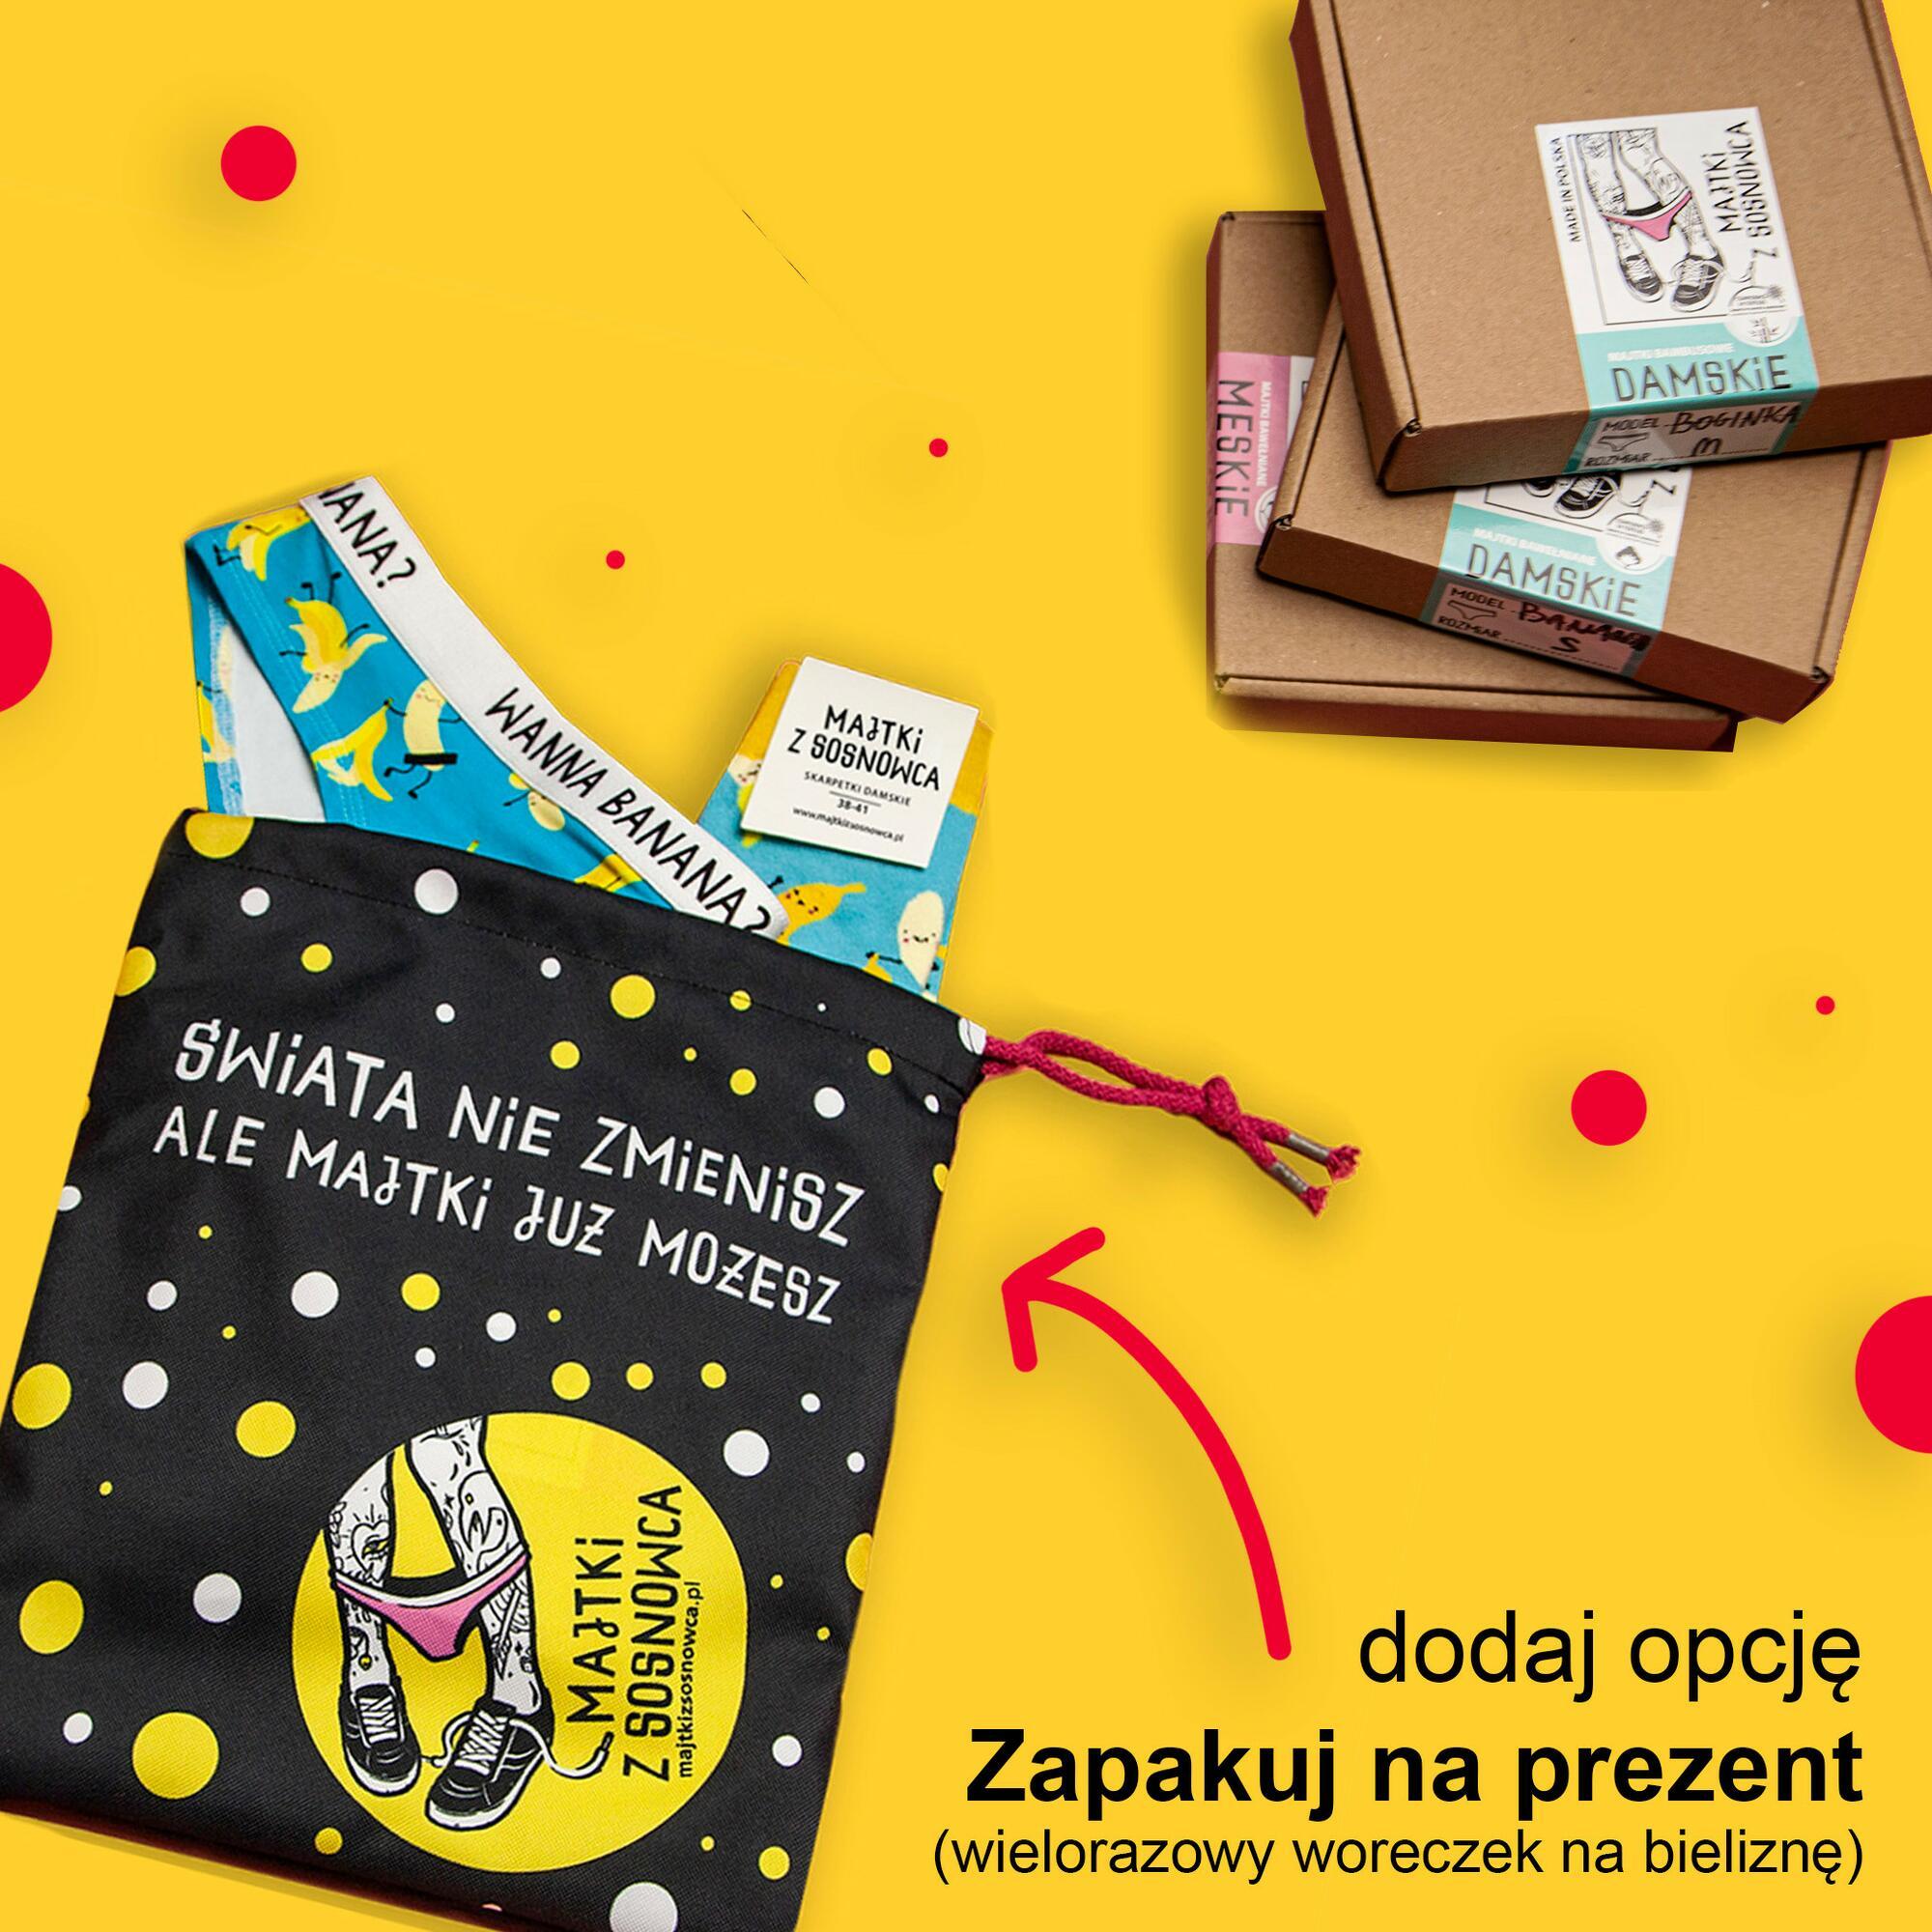 Majtki Grażyny - czarne figi bambusowe damskie z napisem - Majtki z Sosnowca by After Panty | JestemSlow.pl